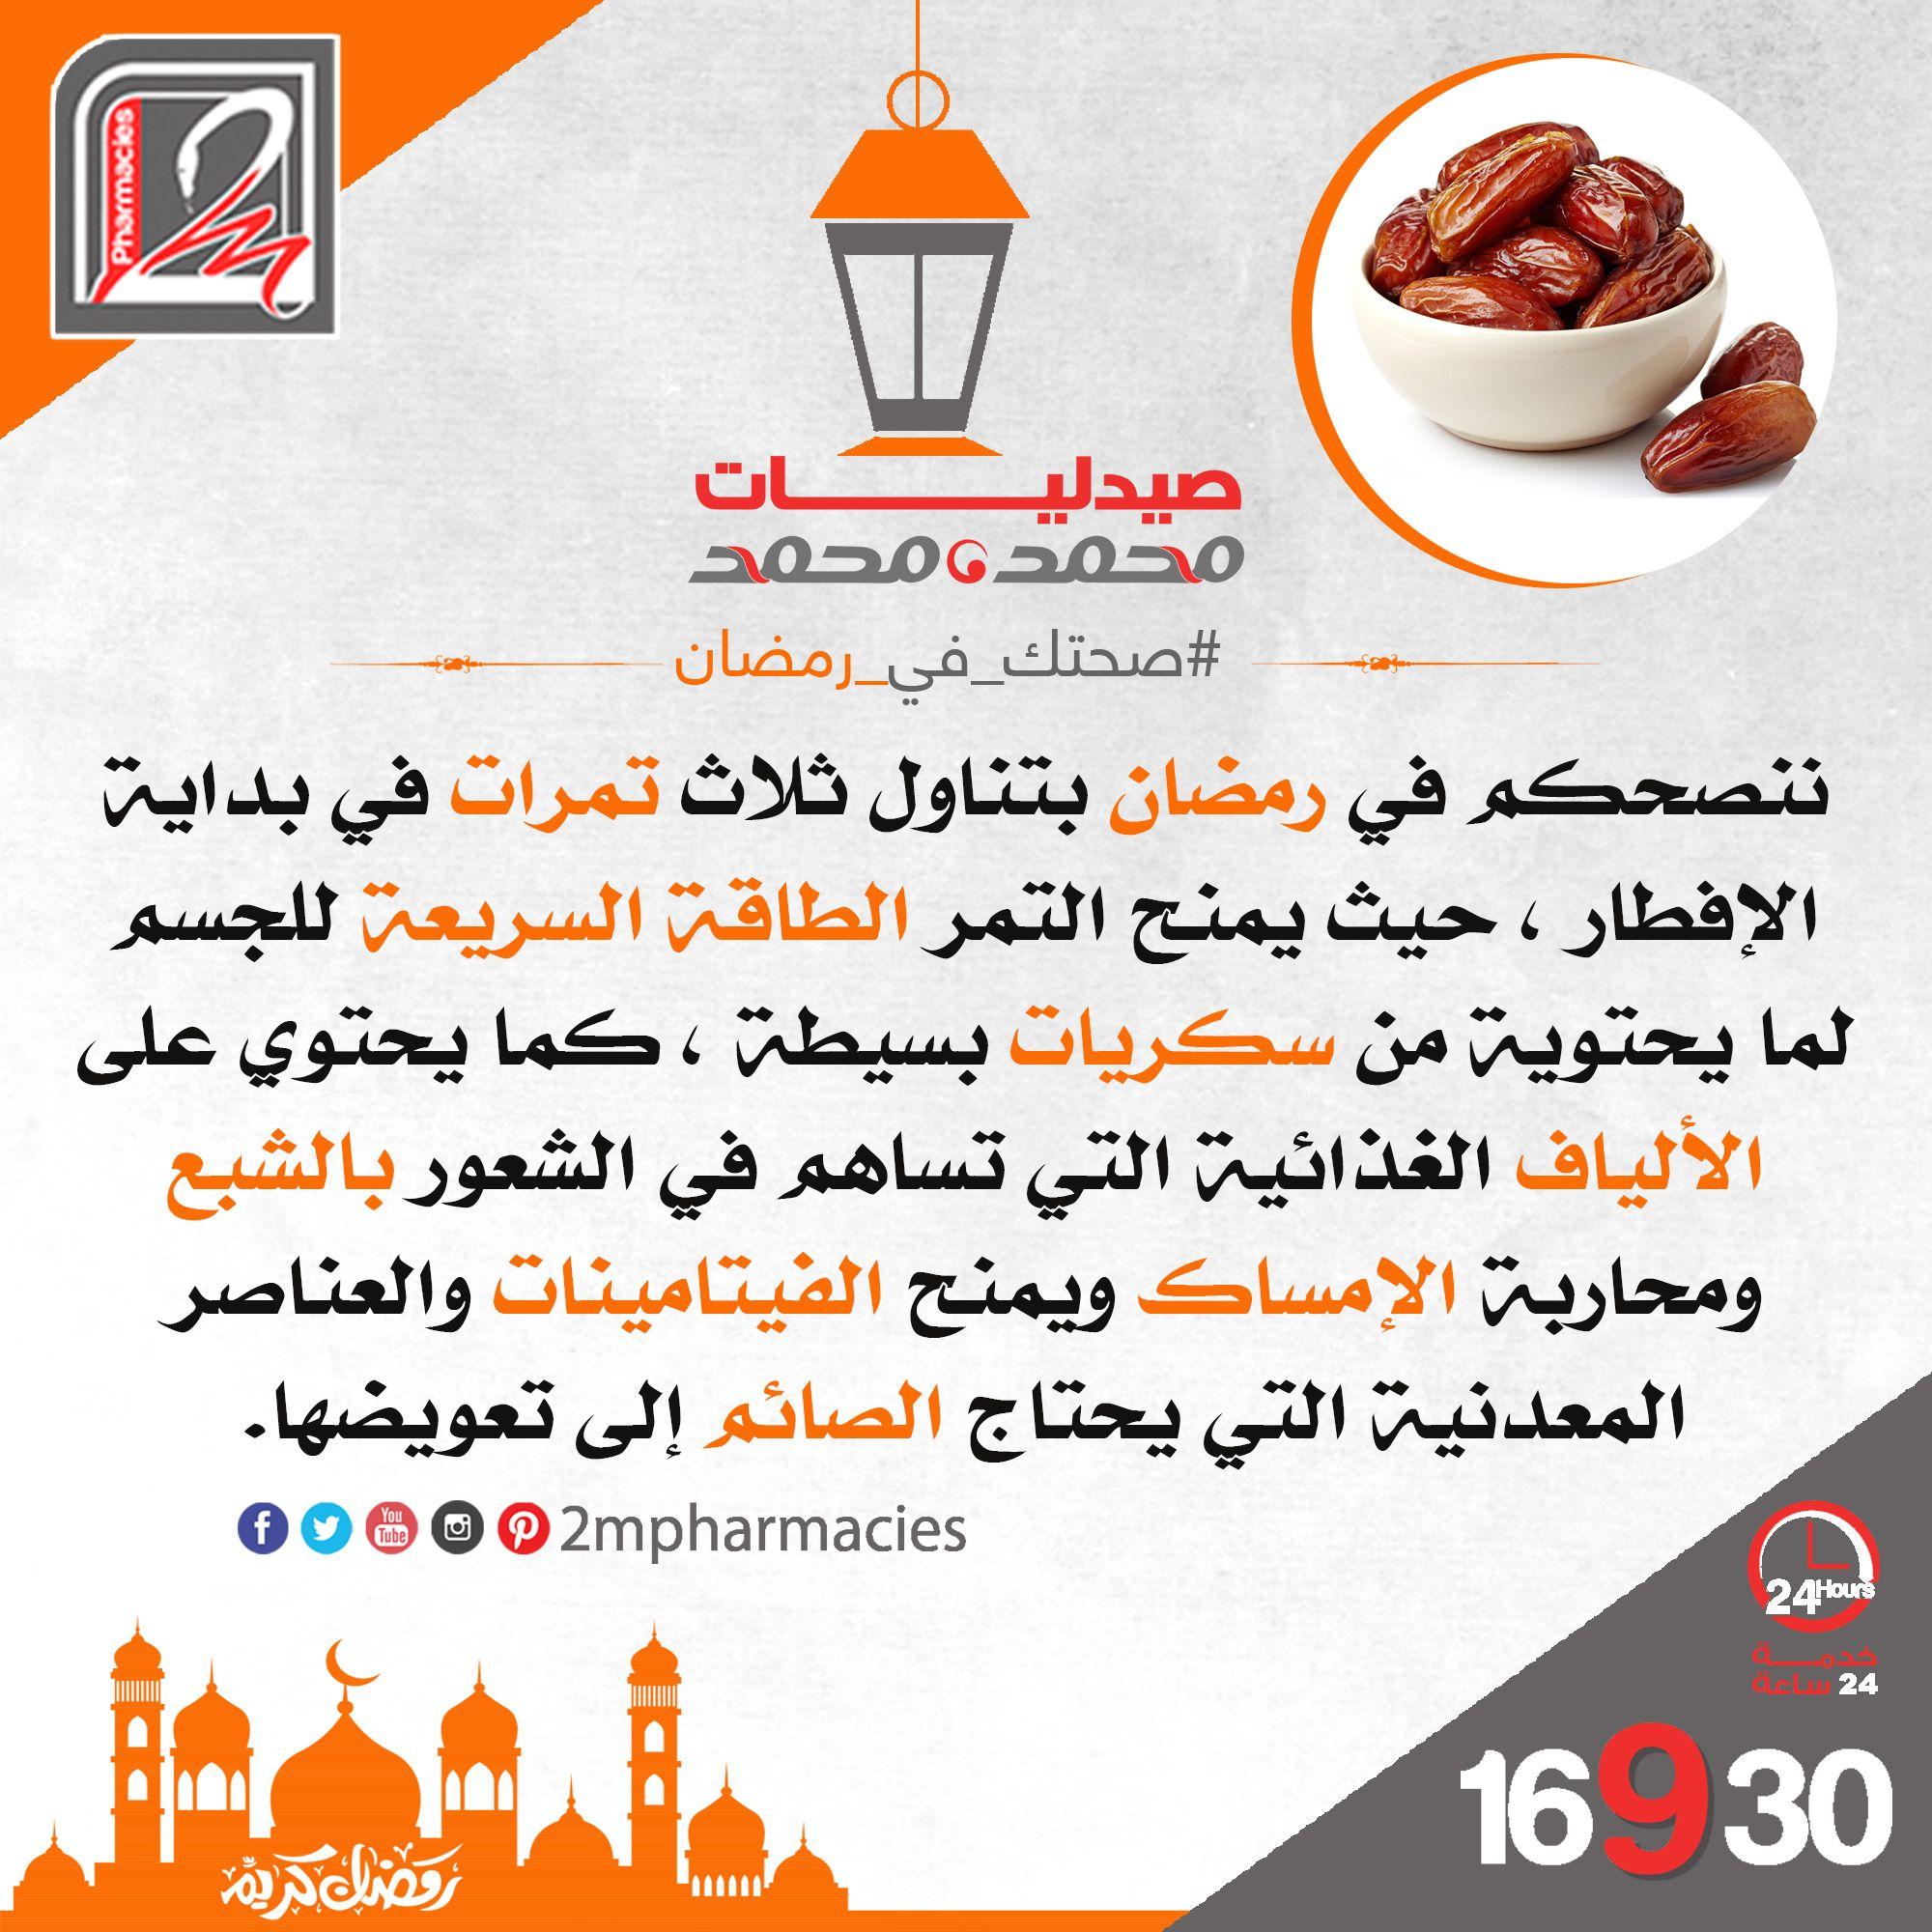 Pin By الأثر الجميل On شهر رمضان Ramadan Islam